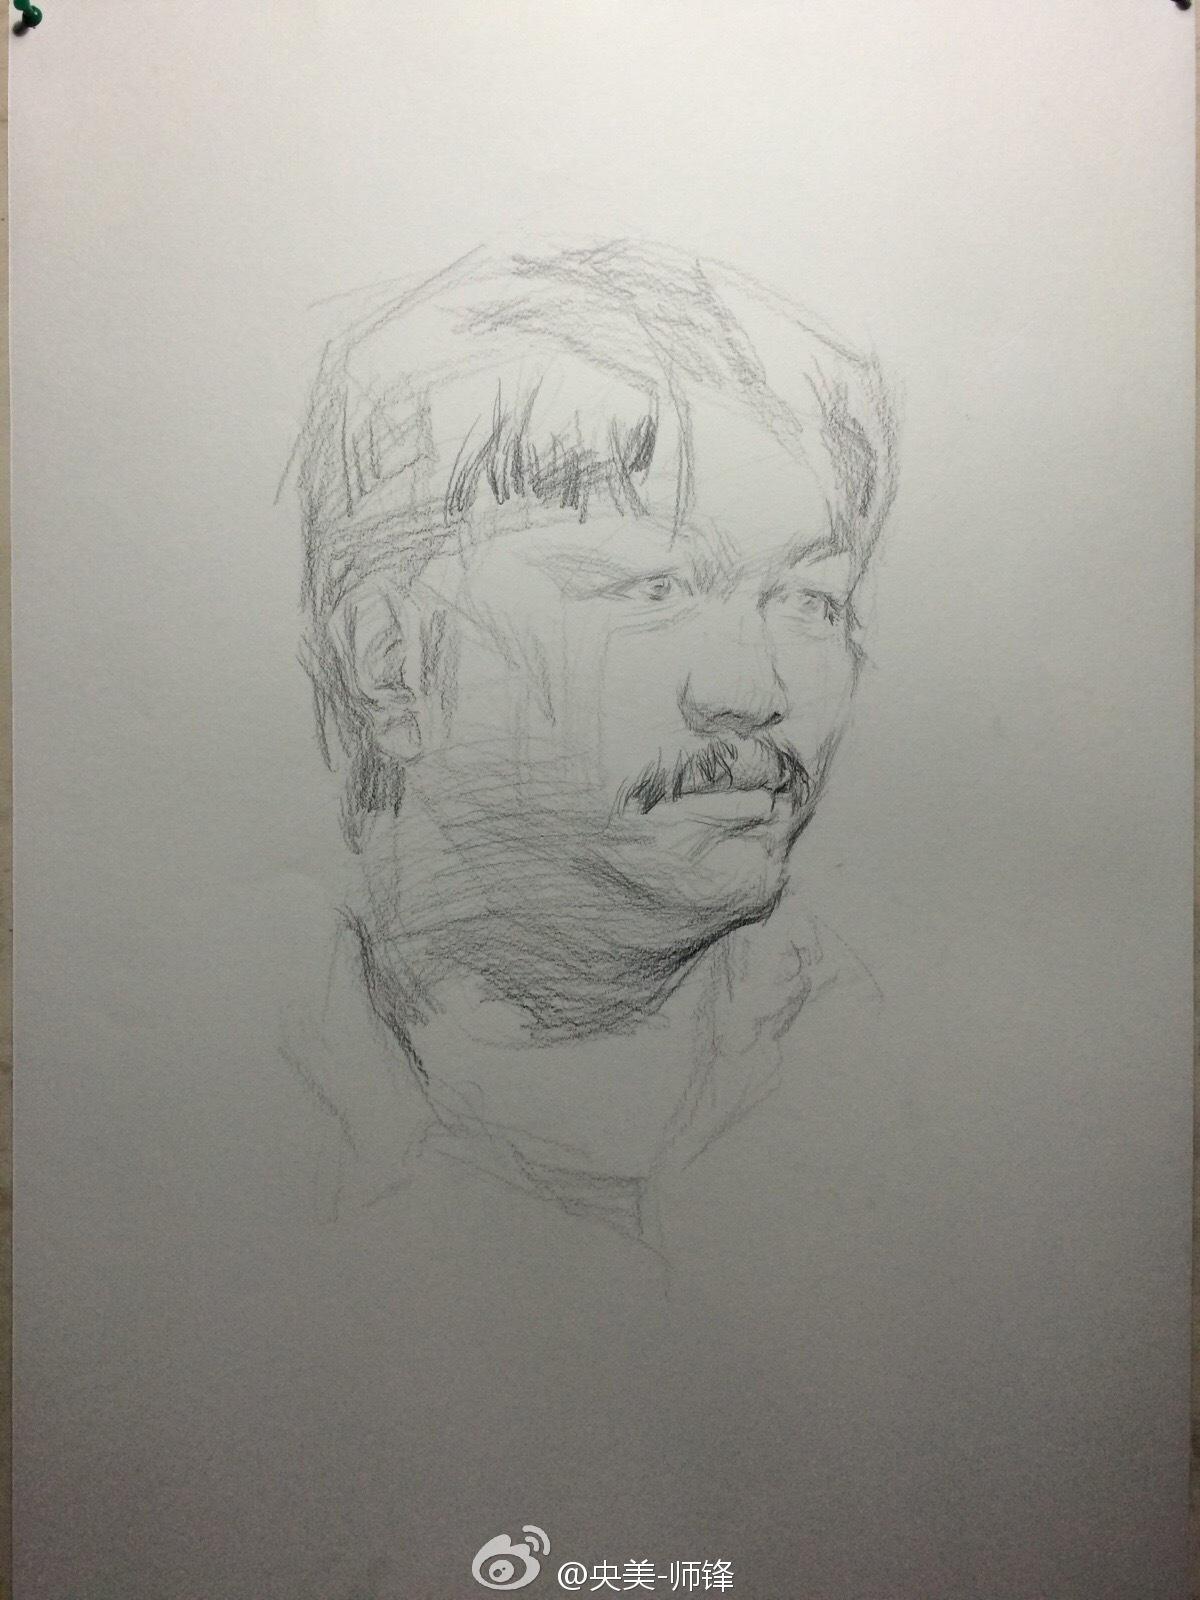 央美师锋中年男子素描头像作画步骤(2)